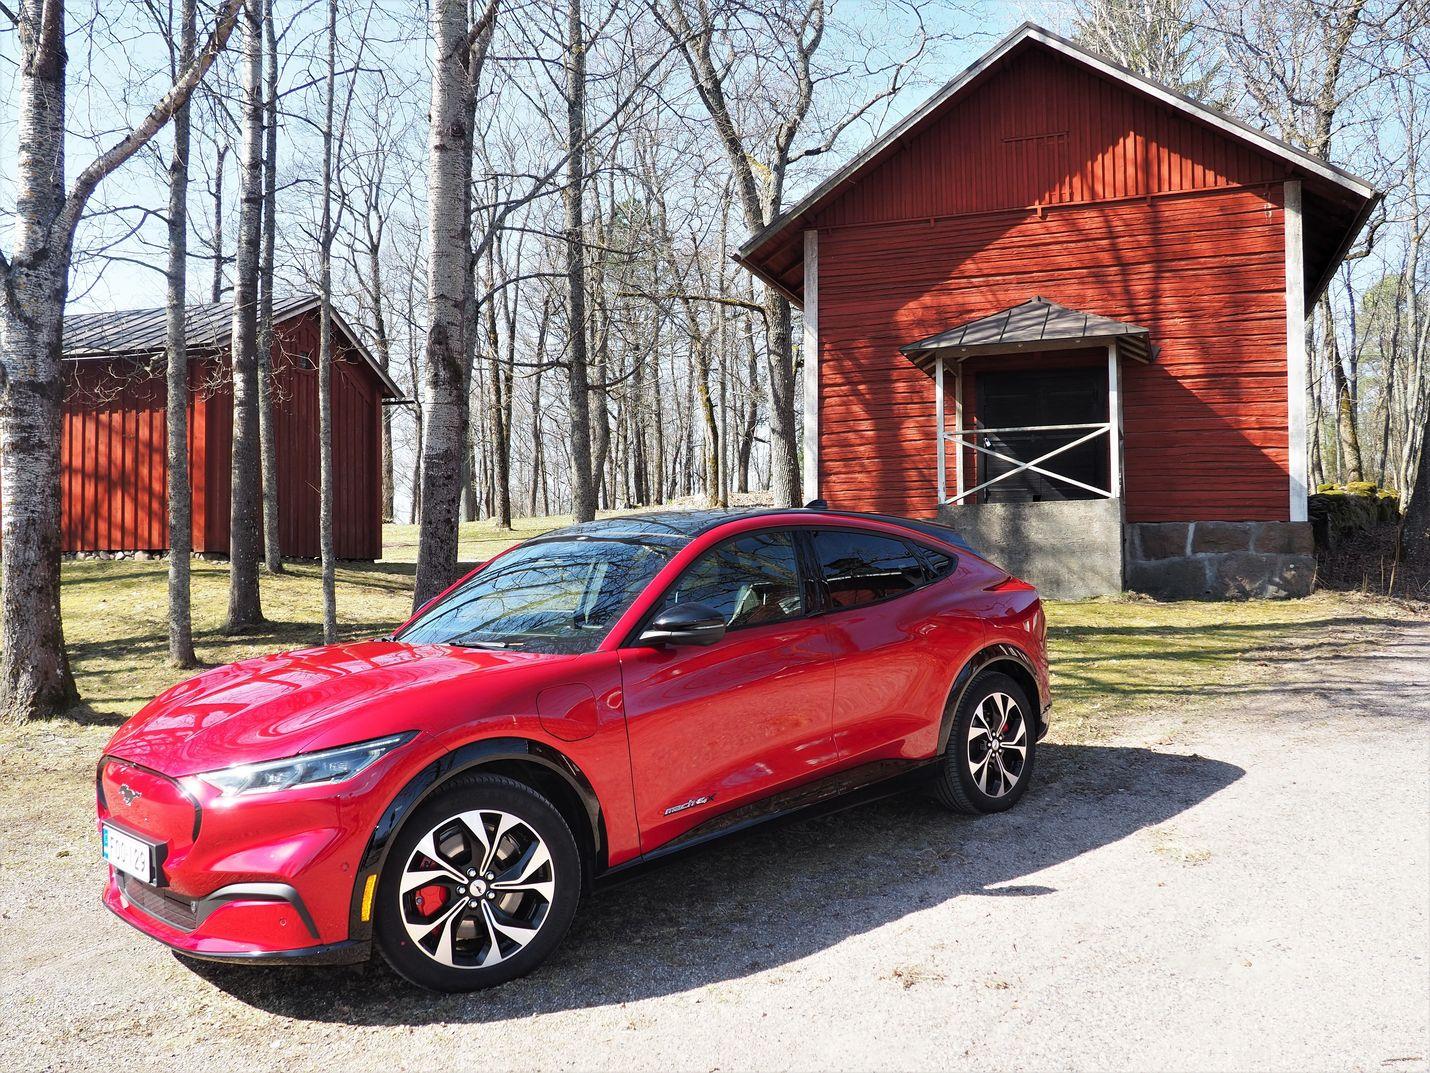 Mustang Mach-e:n korimuotoilu vaikuttaa tutulta, vaikka auto onkin enemmän katumaasturi kuin varsinainen urheilumalli.